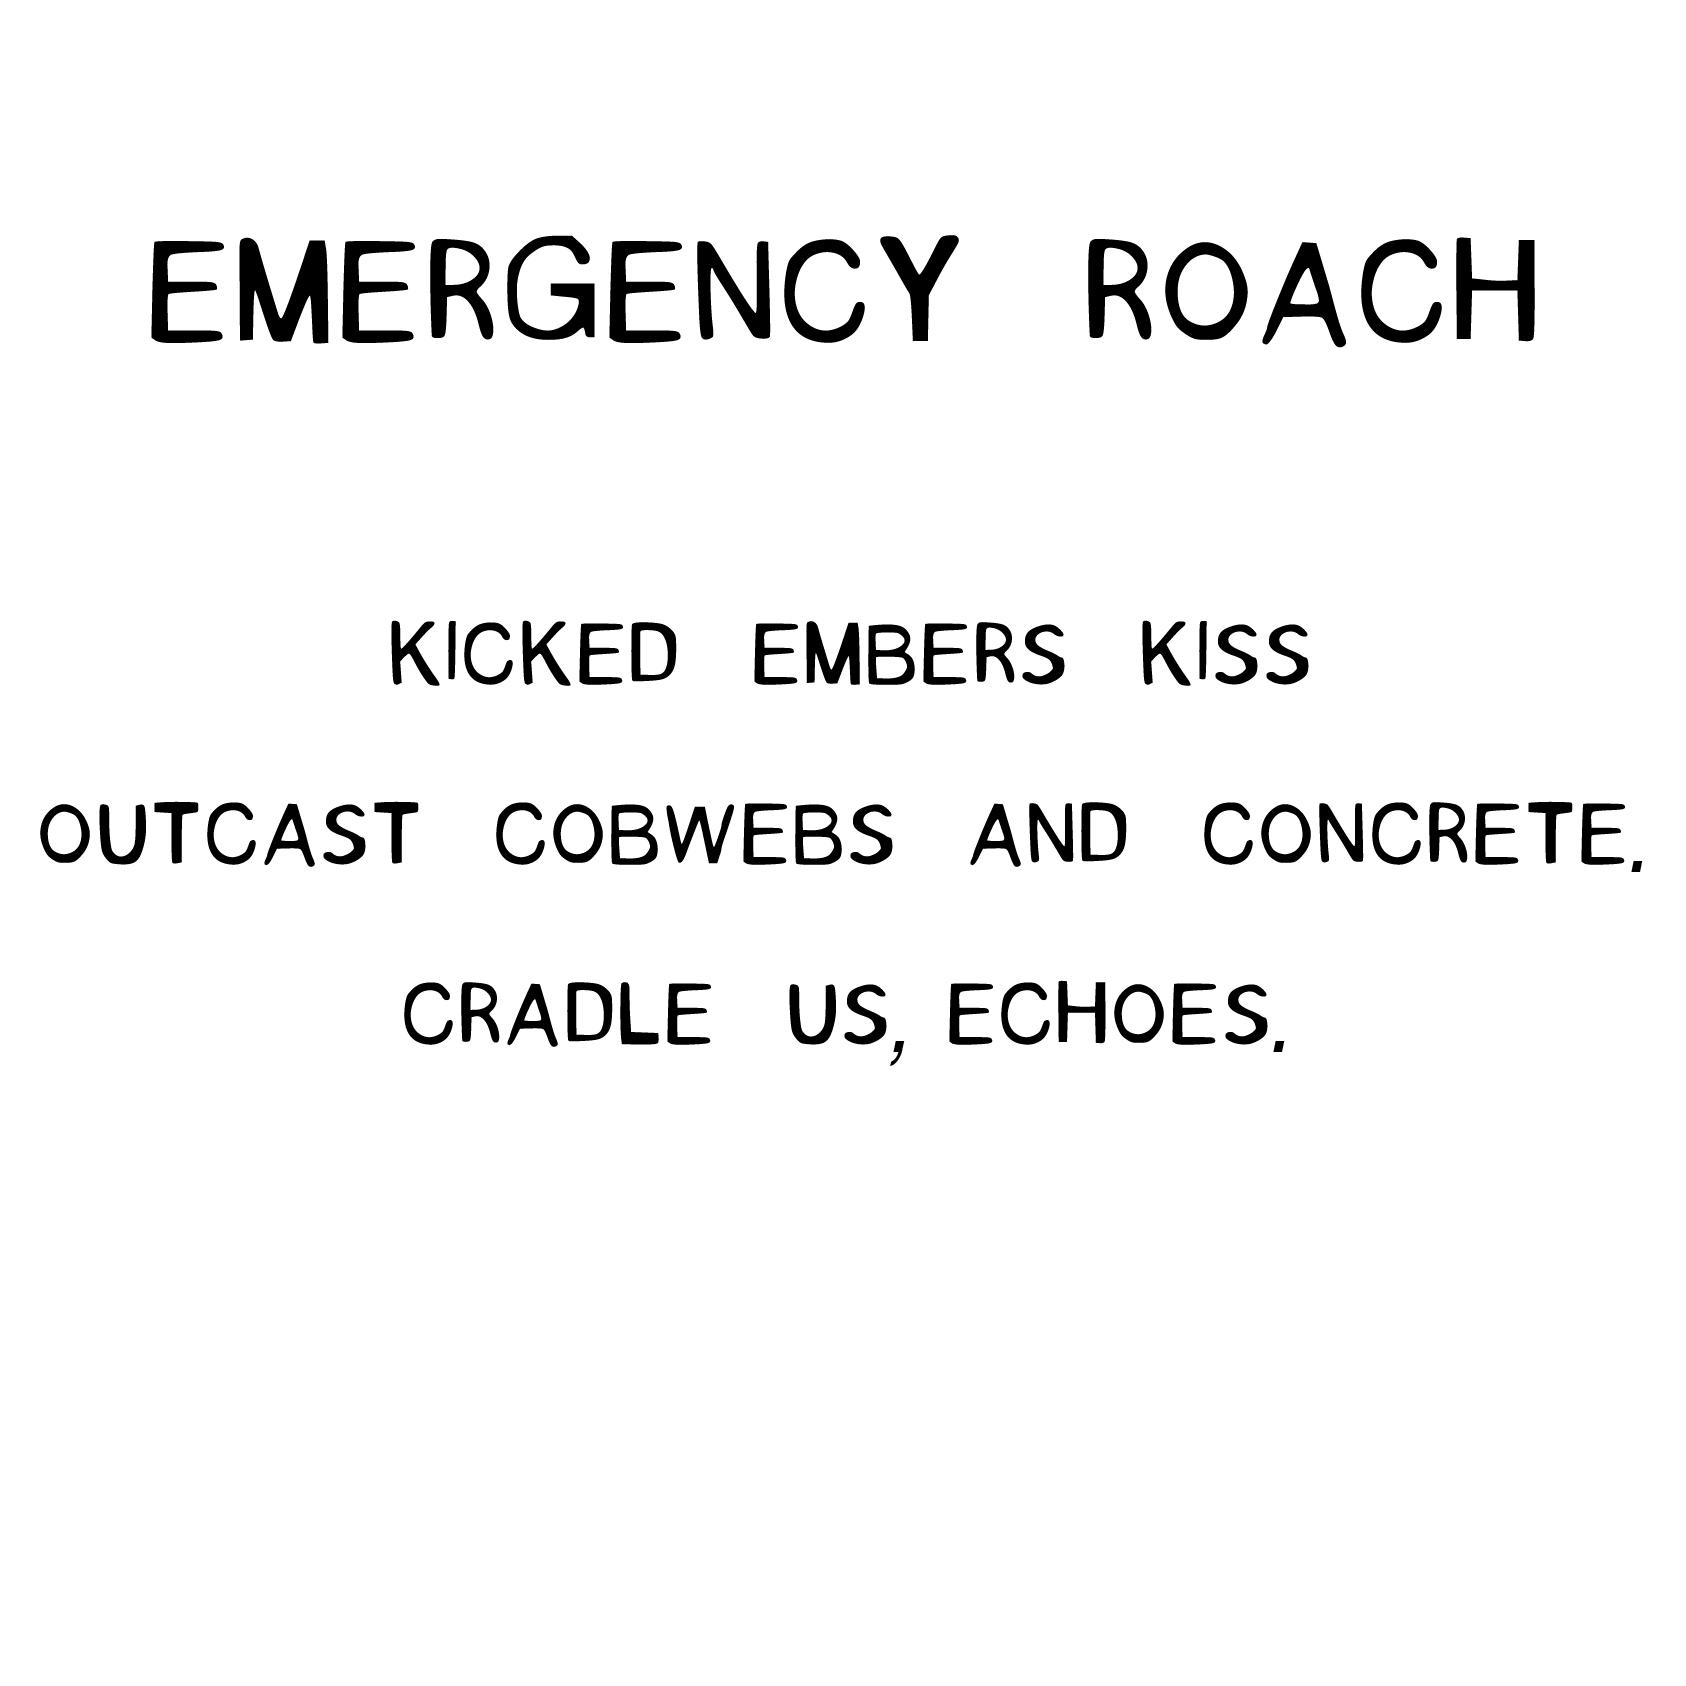 emergencyroach.jpg